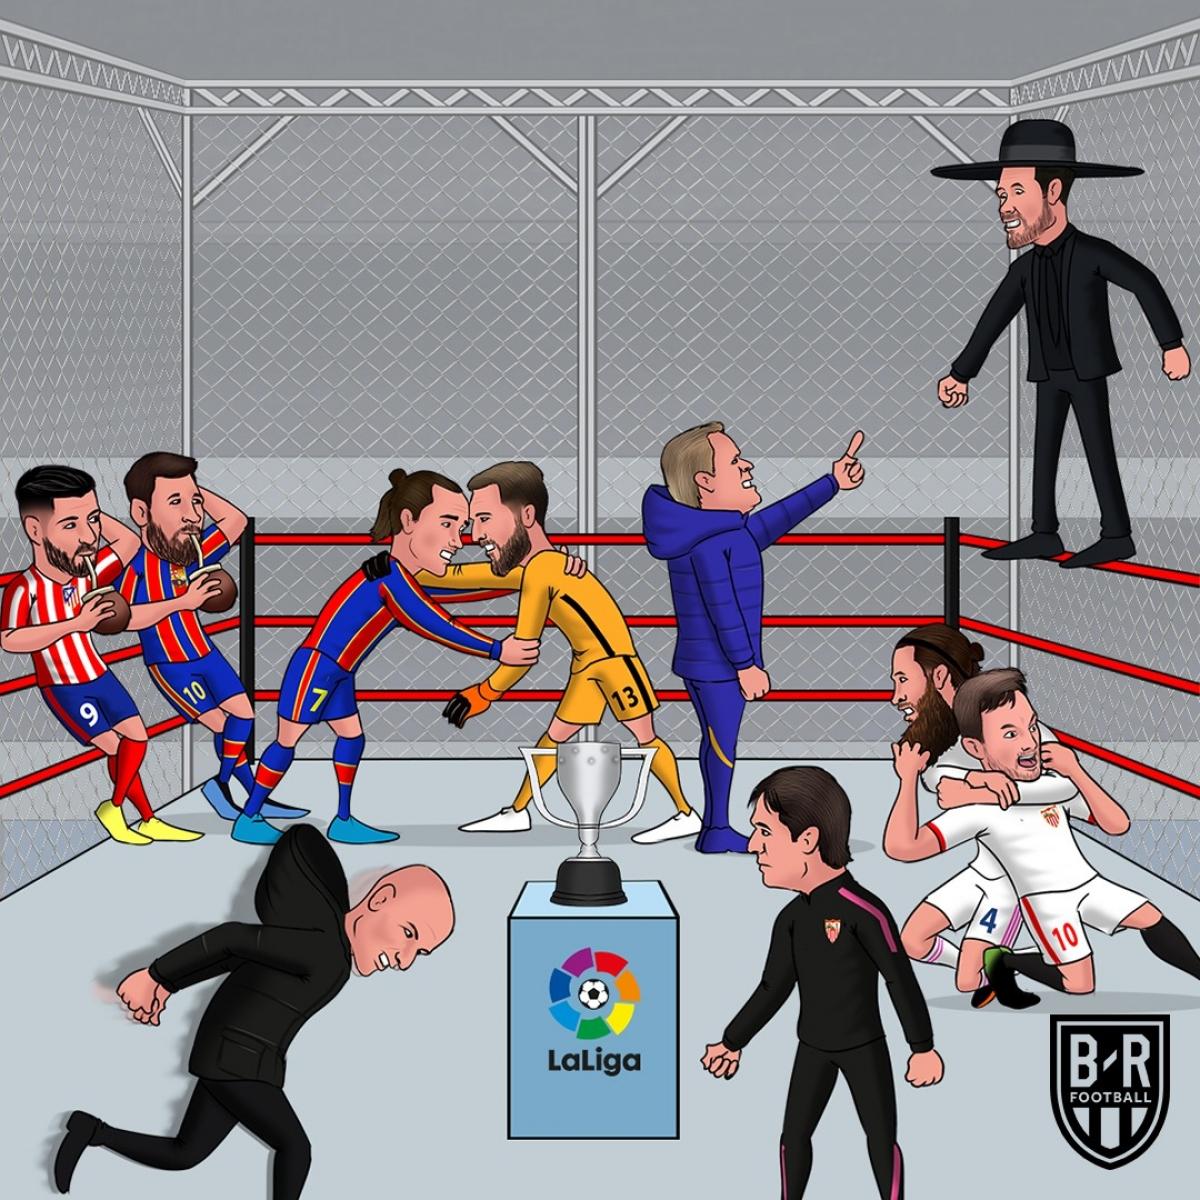 Ngày phán quyết ở La Liga. (Ảnh: Bleacher Reports)